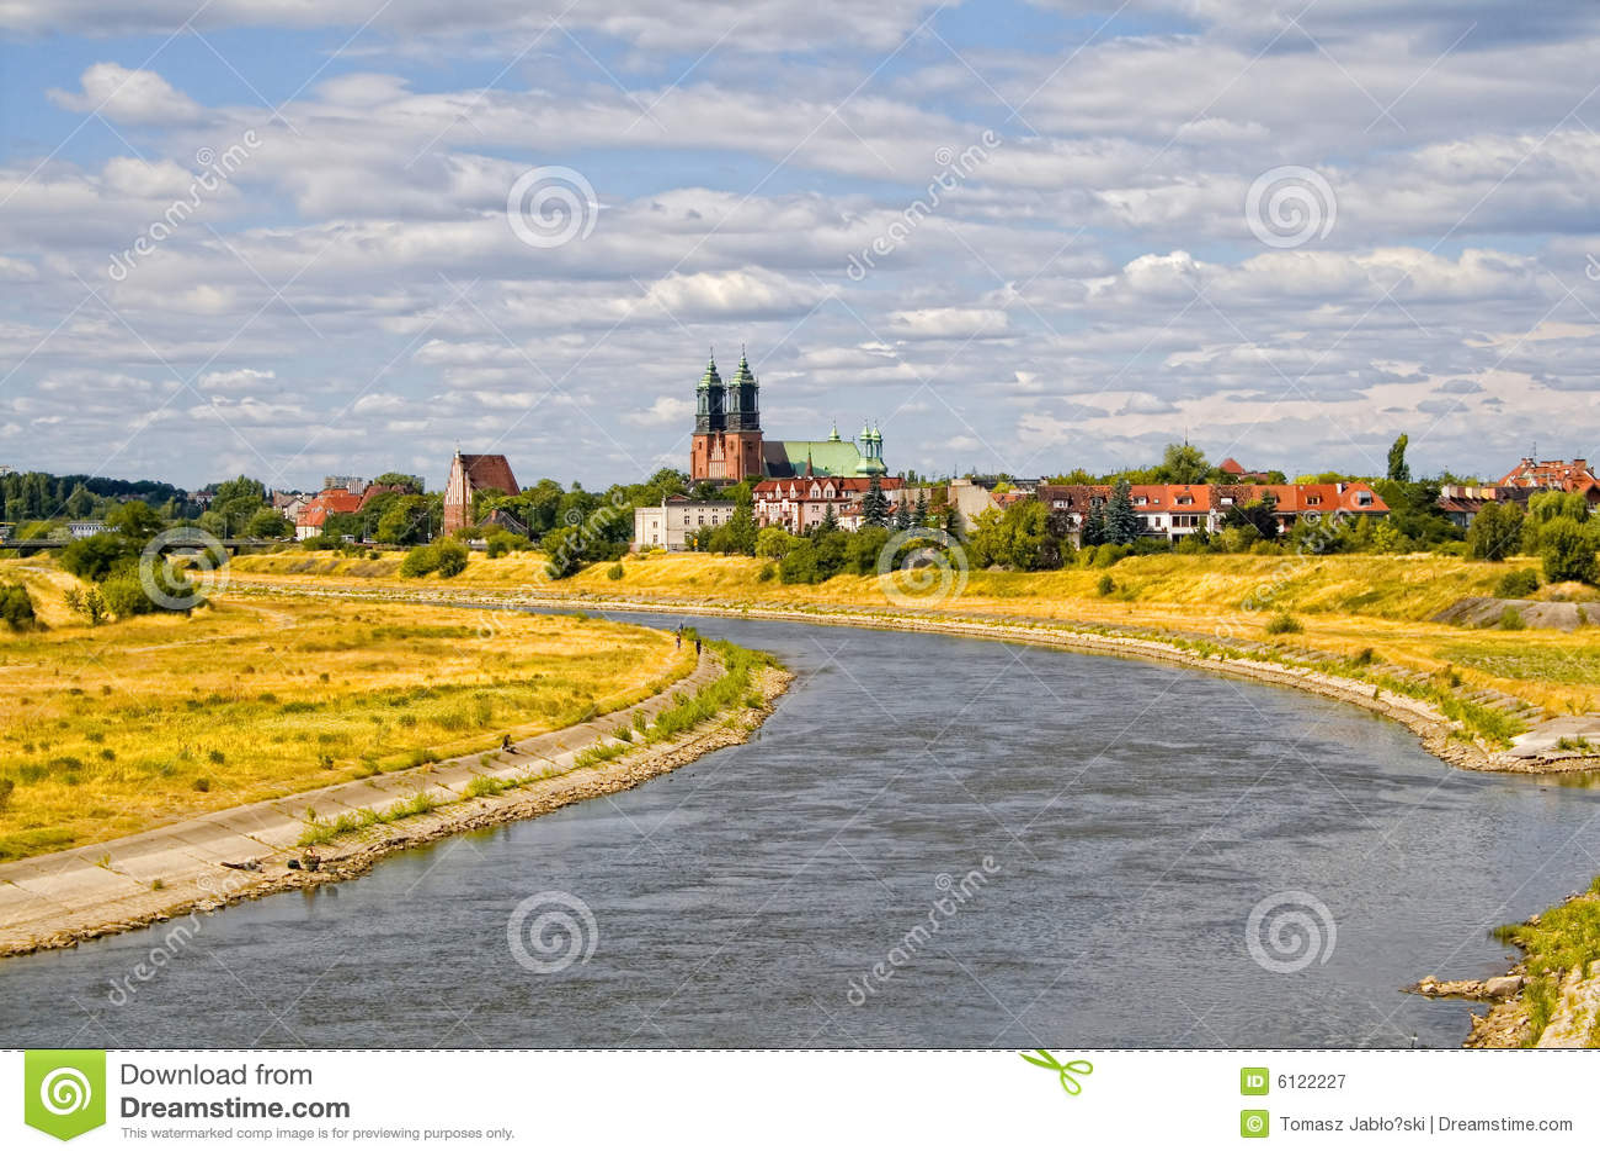 Warta för basilicapoznan flod